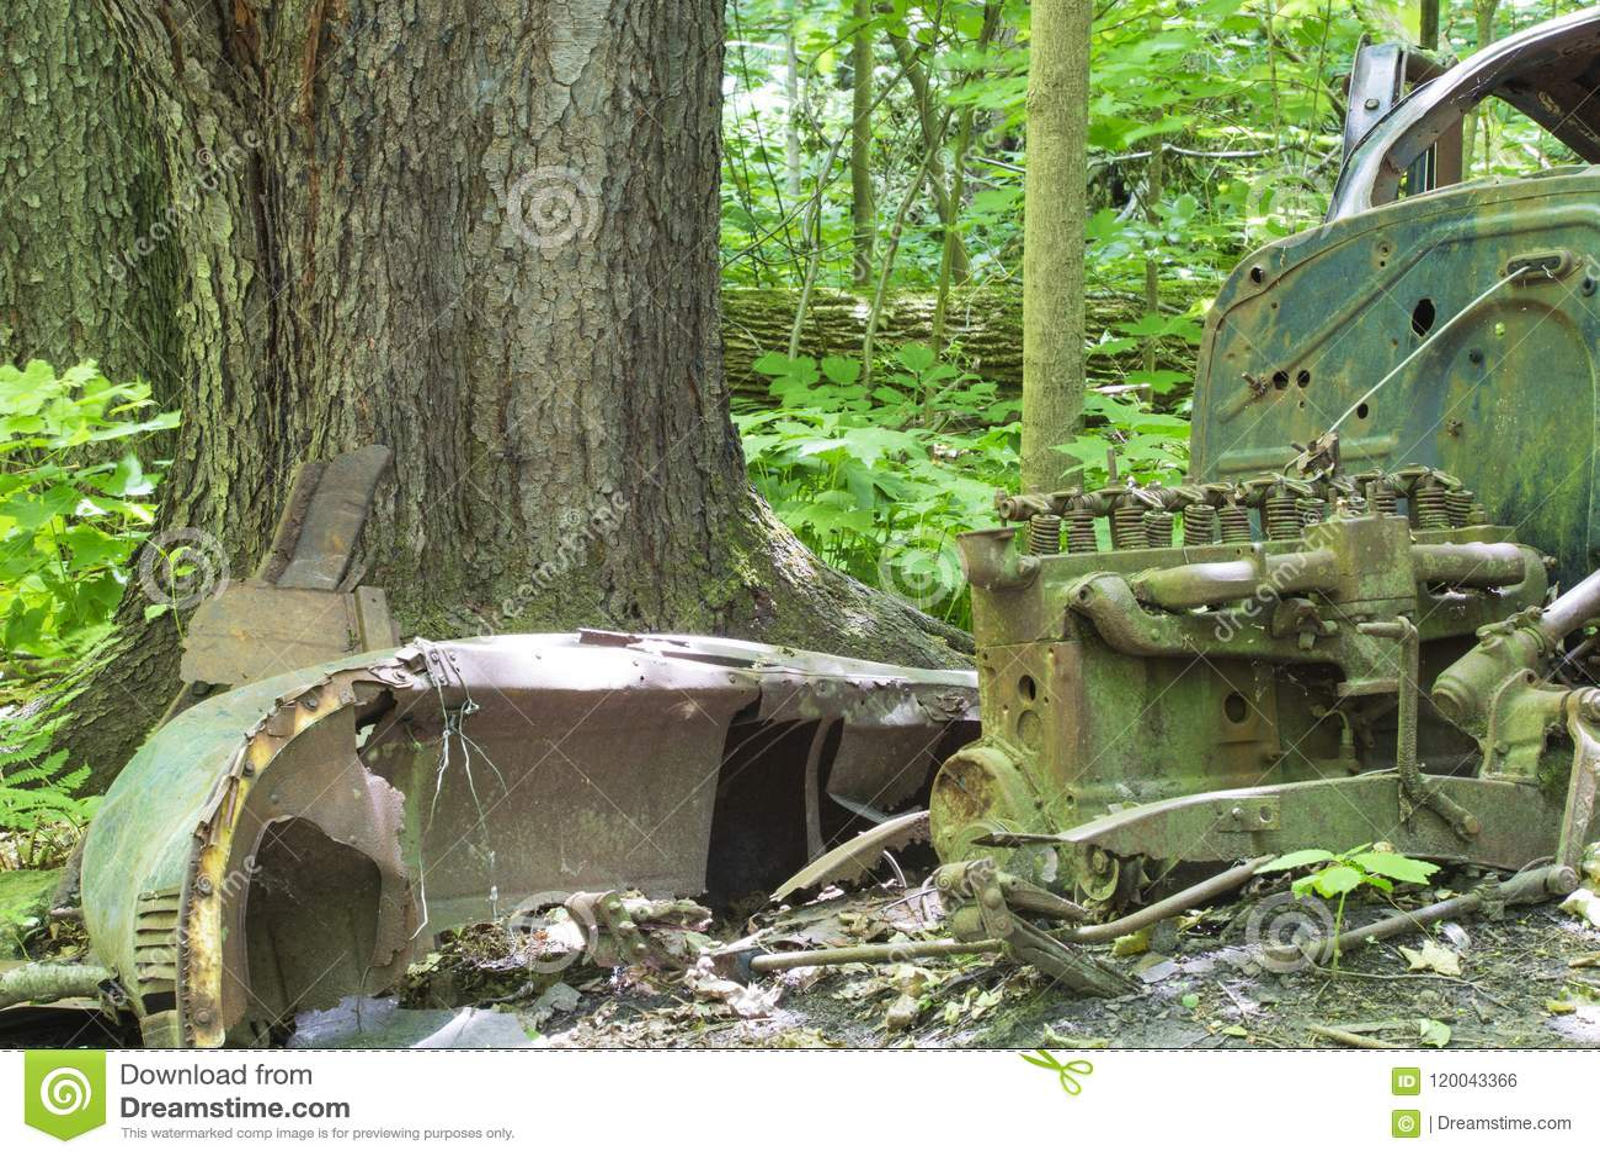 Carro abandonado velho na floresta